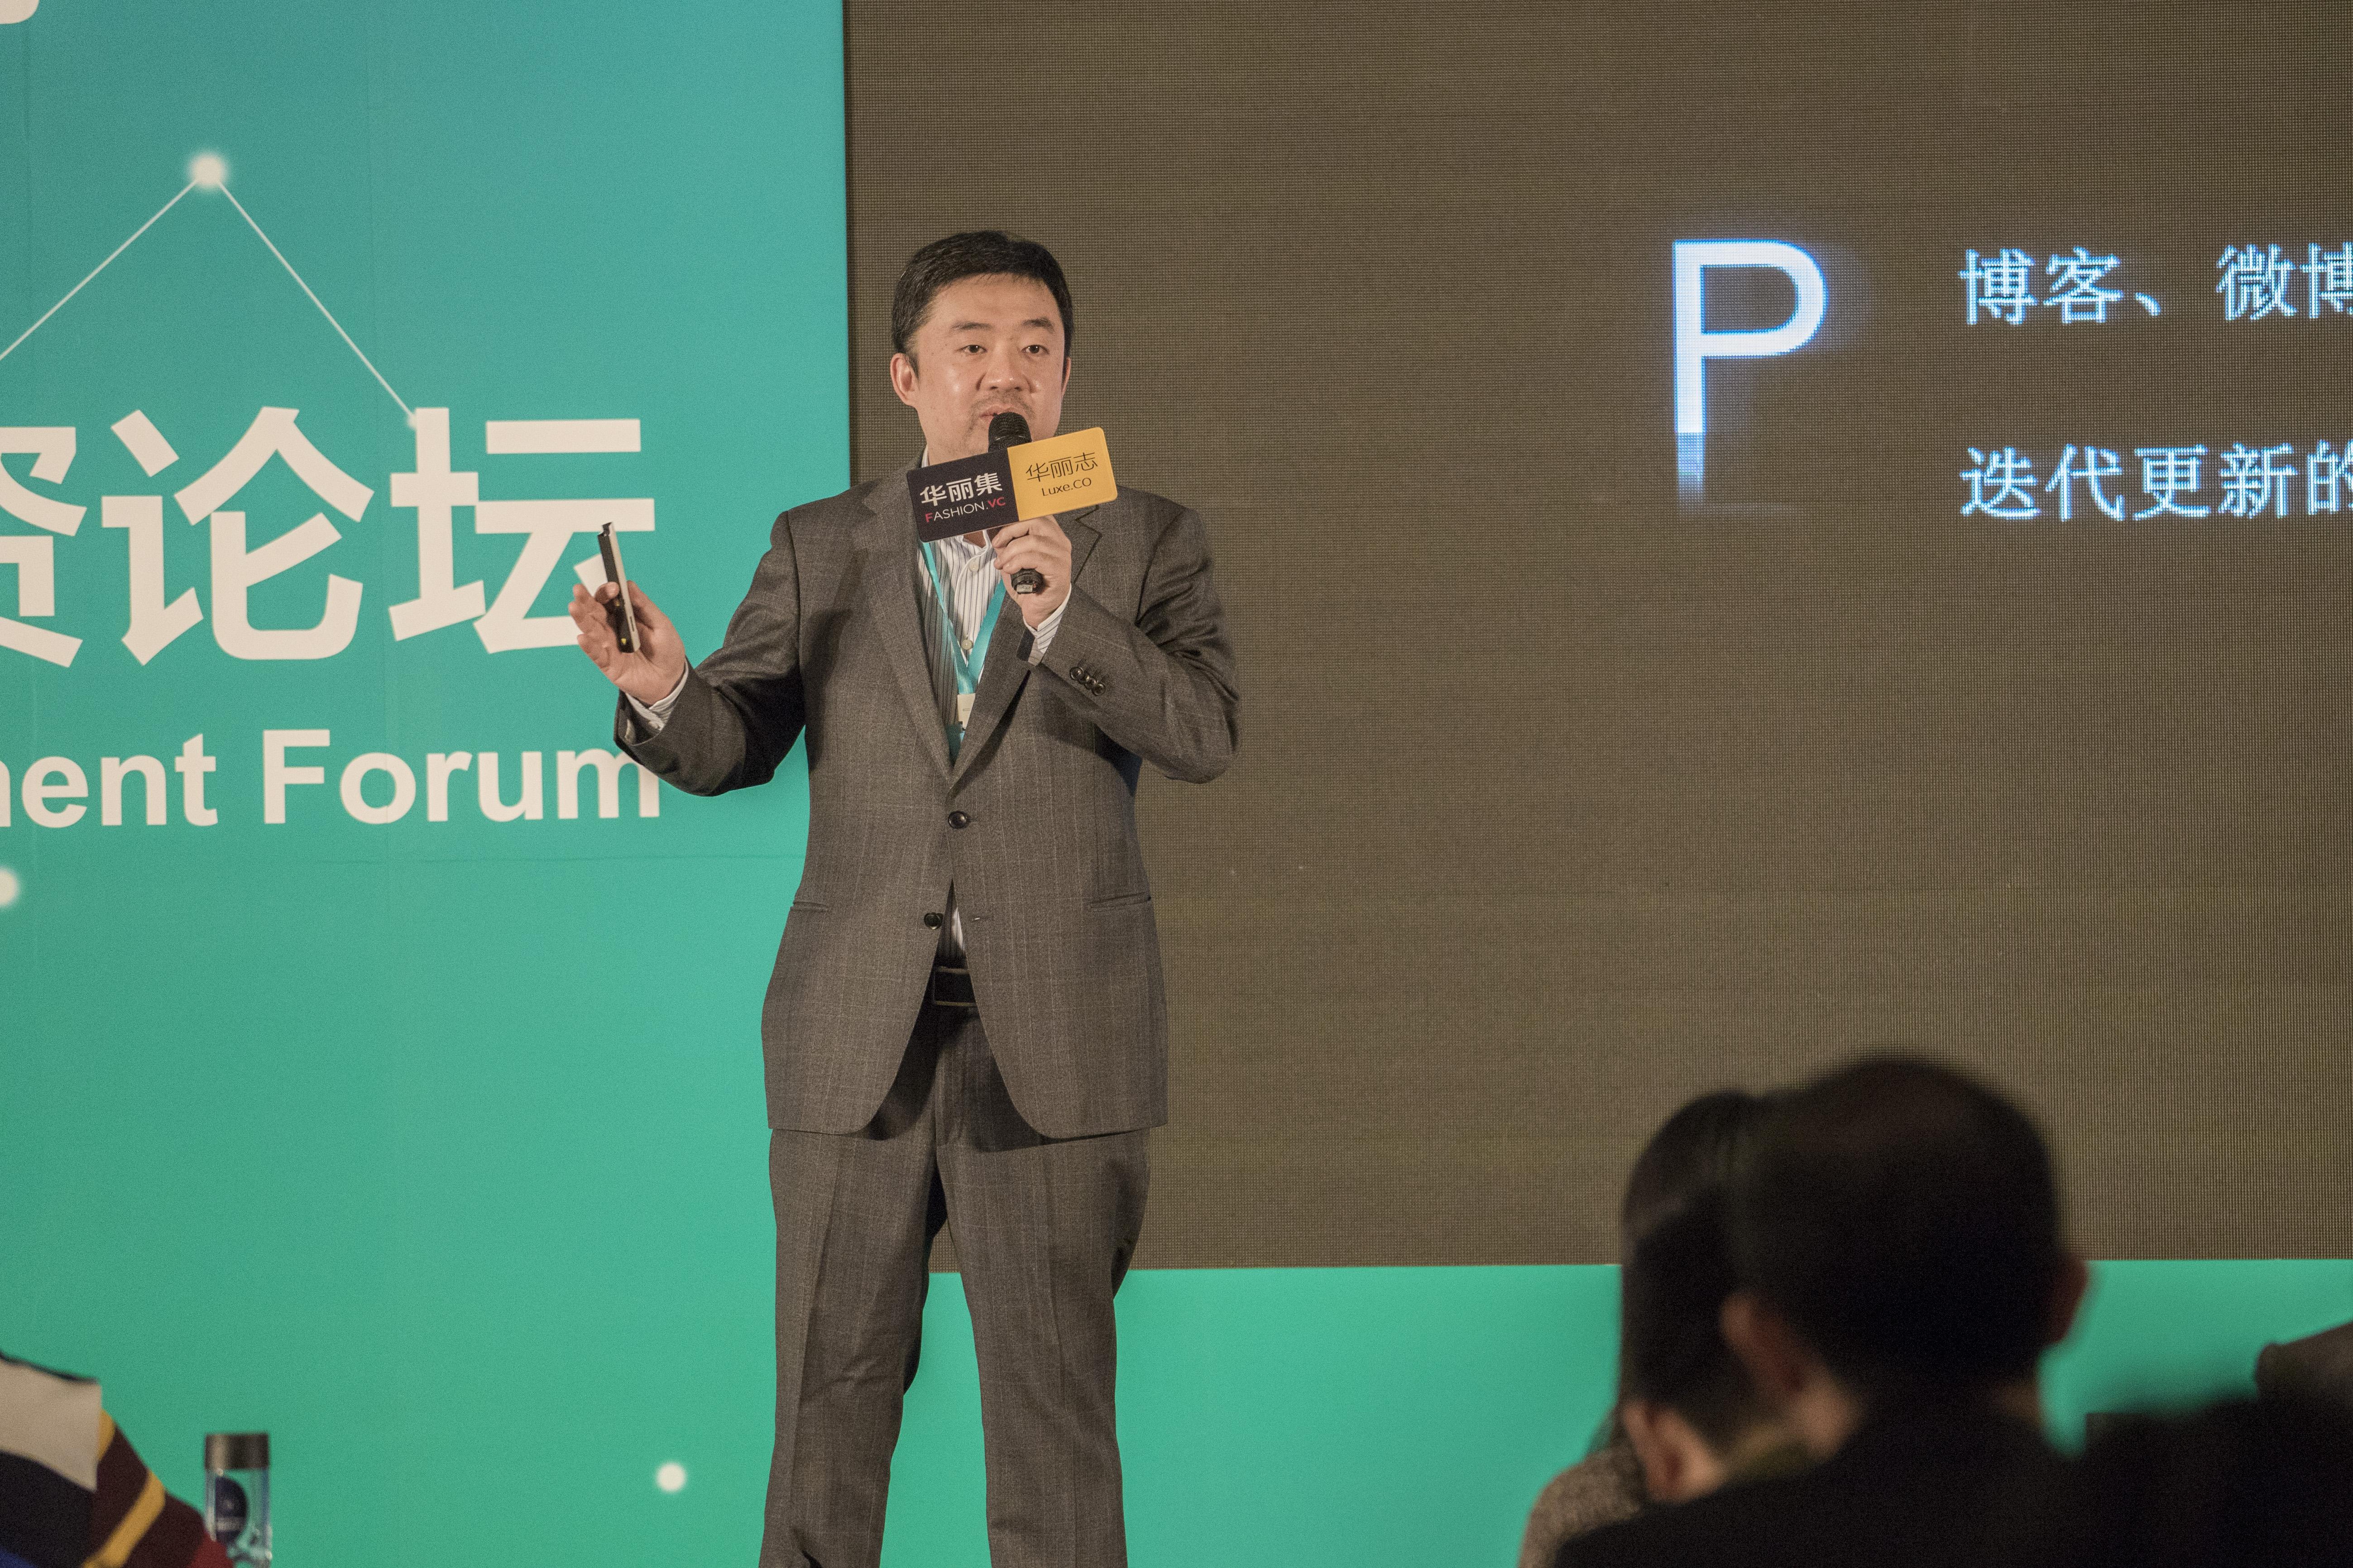 赫斯特中国董事总经理邢文宁:众媒体和富媒体时代,真的好内容才经得起考验